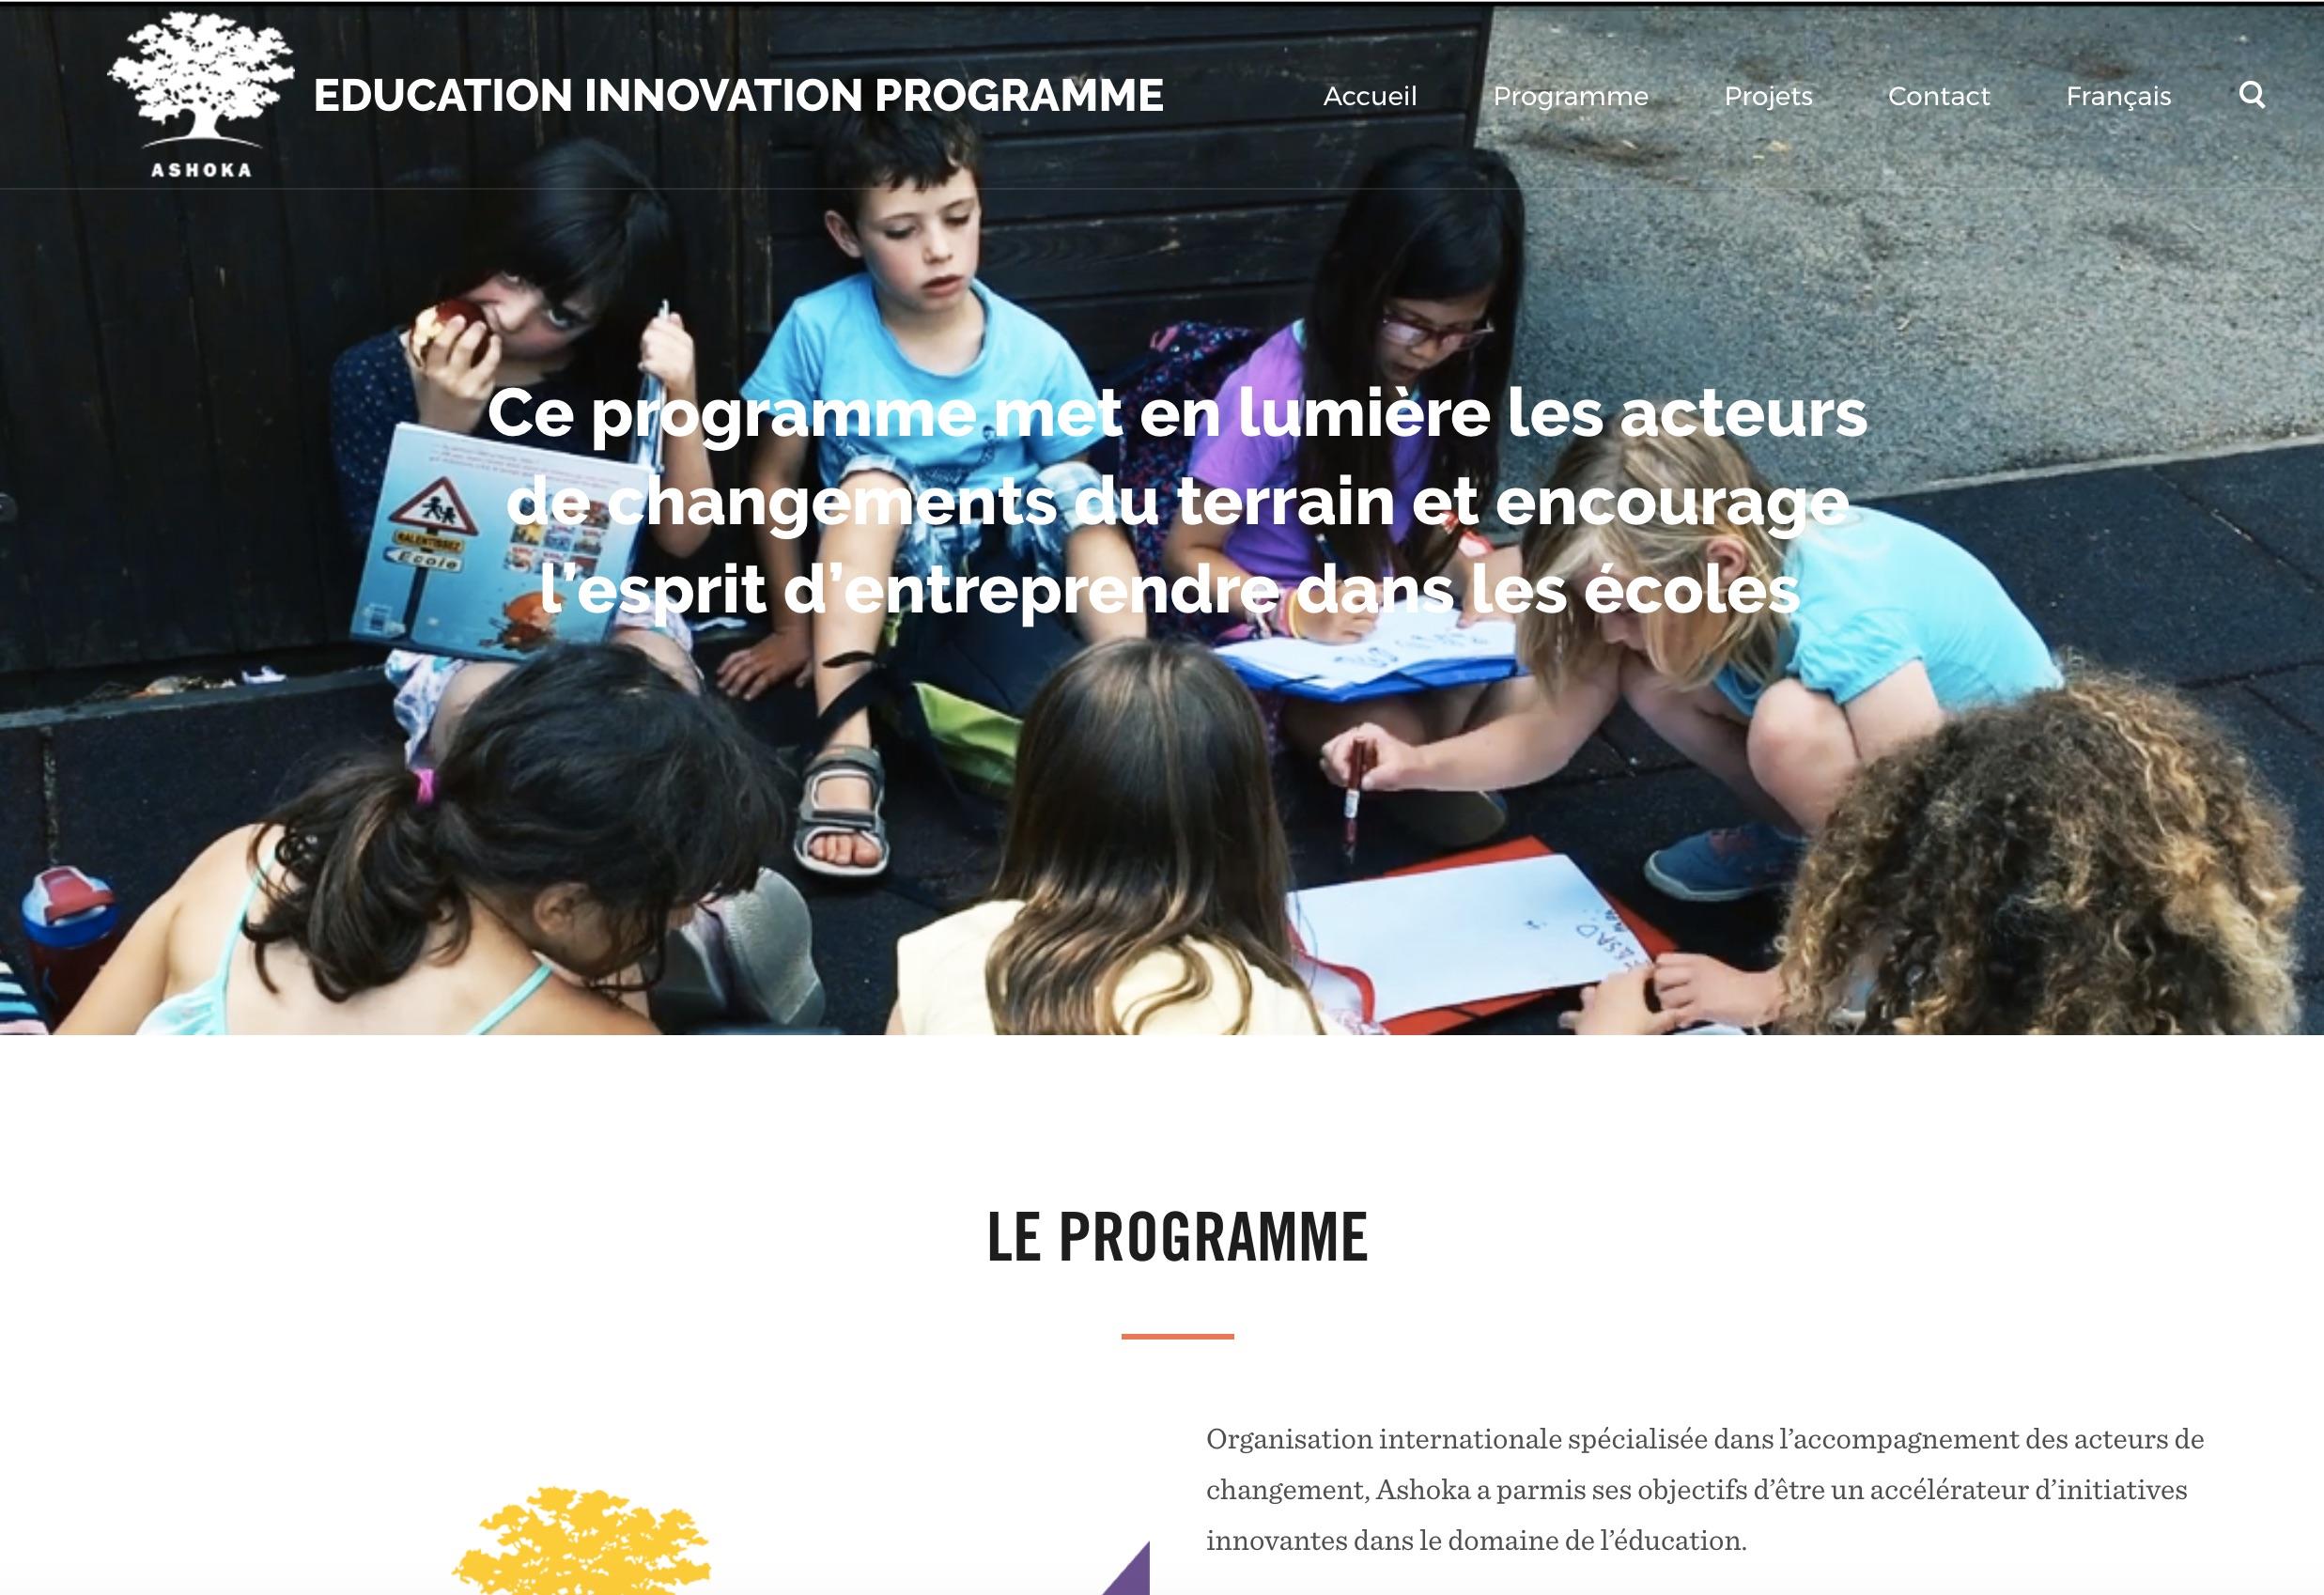 Education Innovation Programme, un nouveau site pour Ashoka